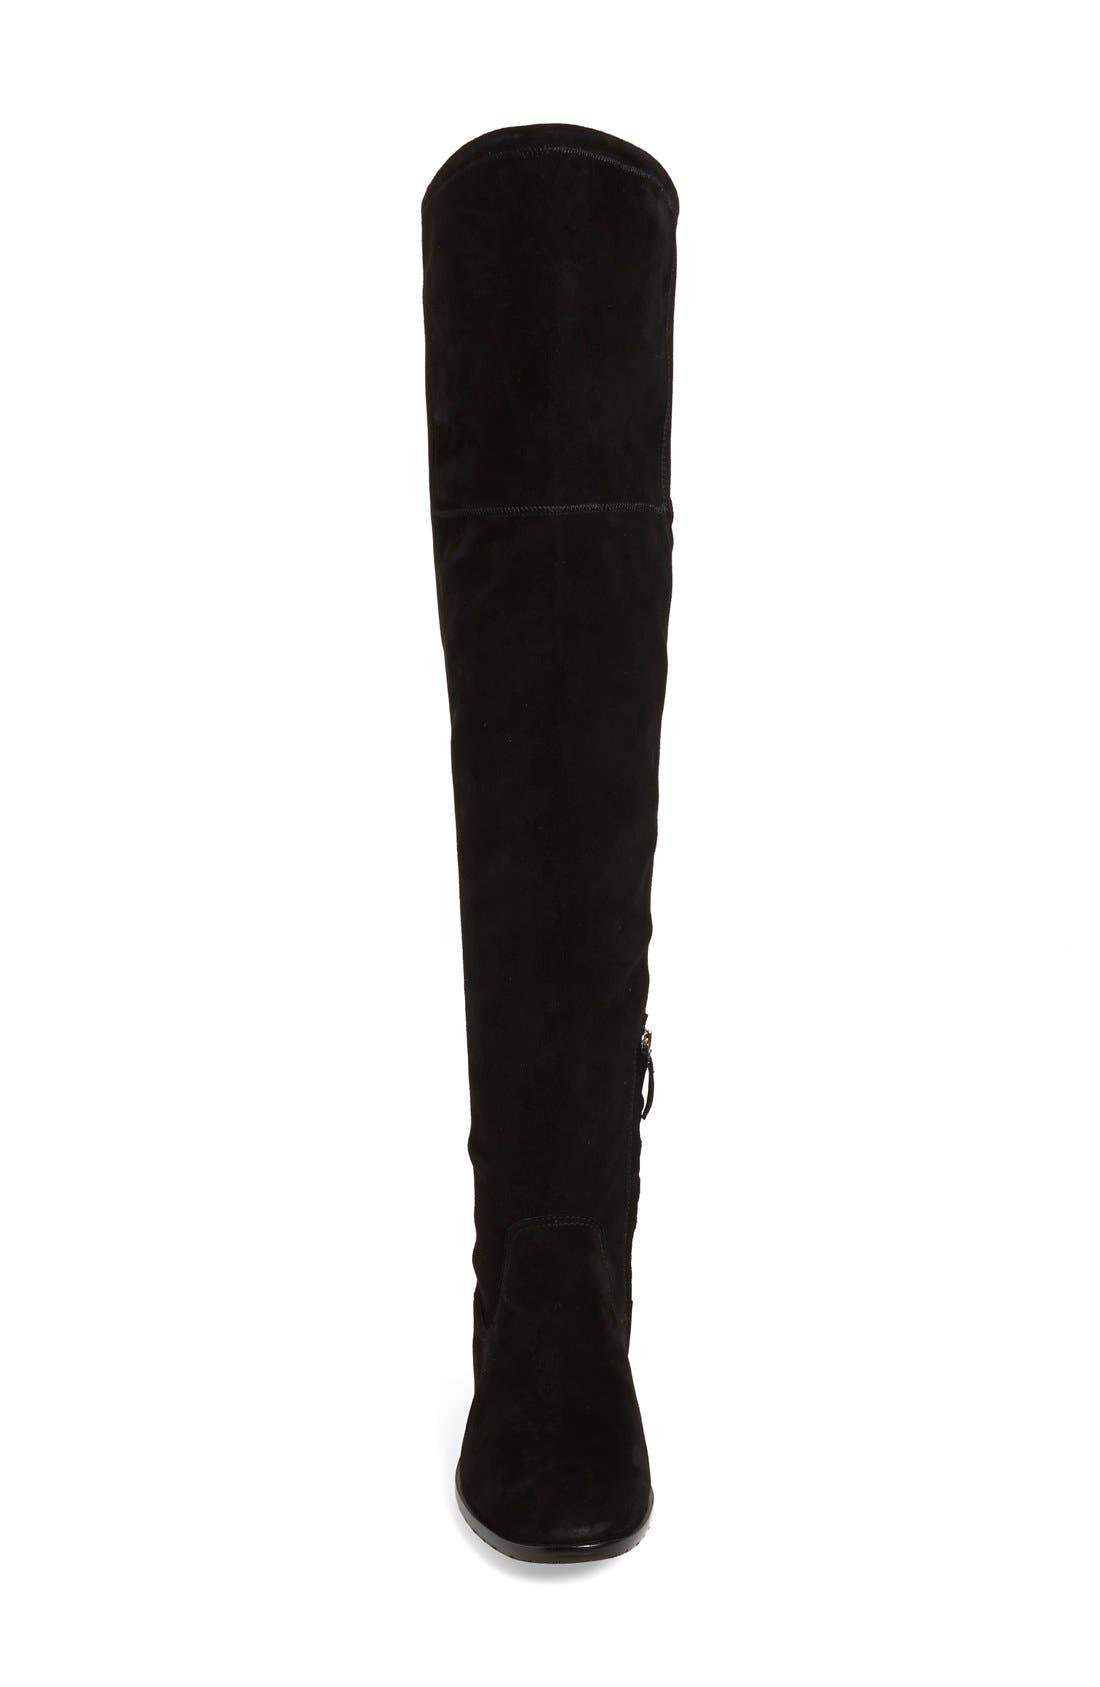 Alternate Image 3  - Dolce Vita 'Neely' Over the Knee Boot (Women)